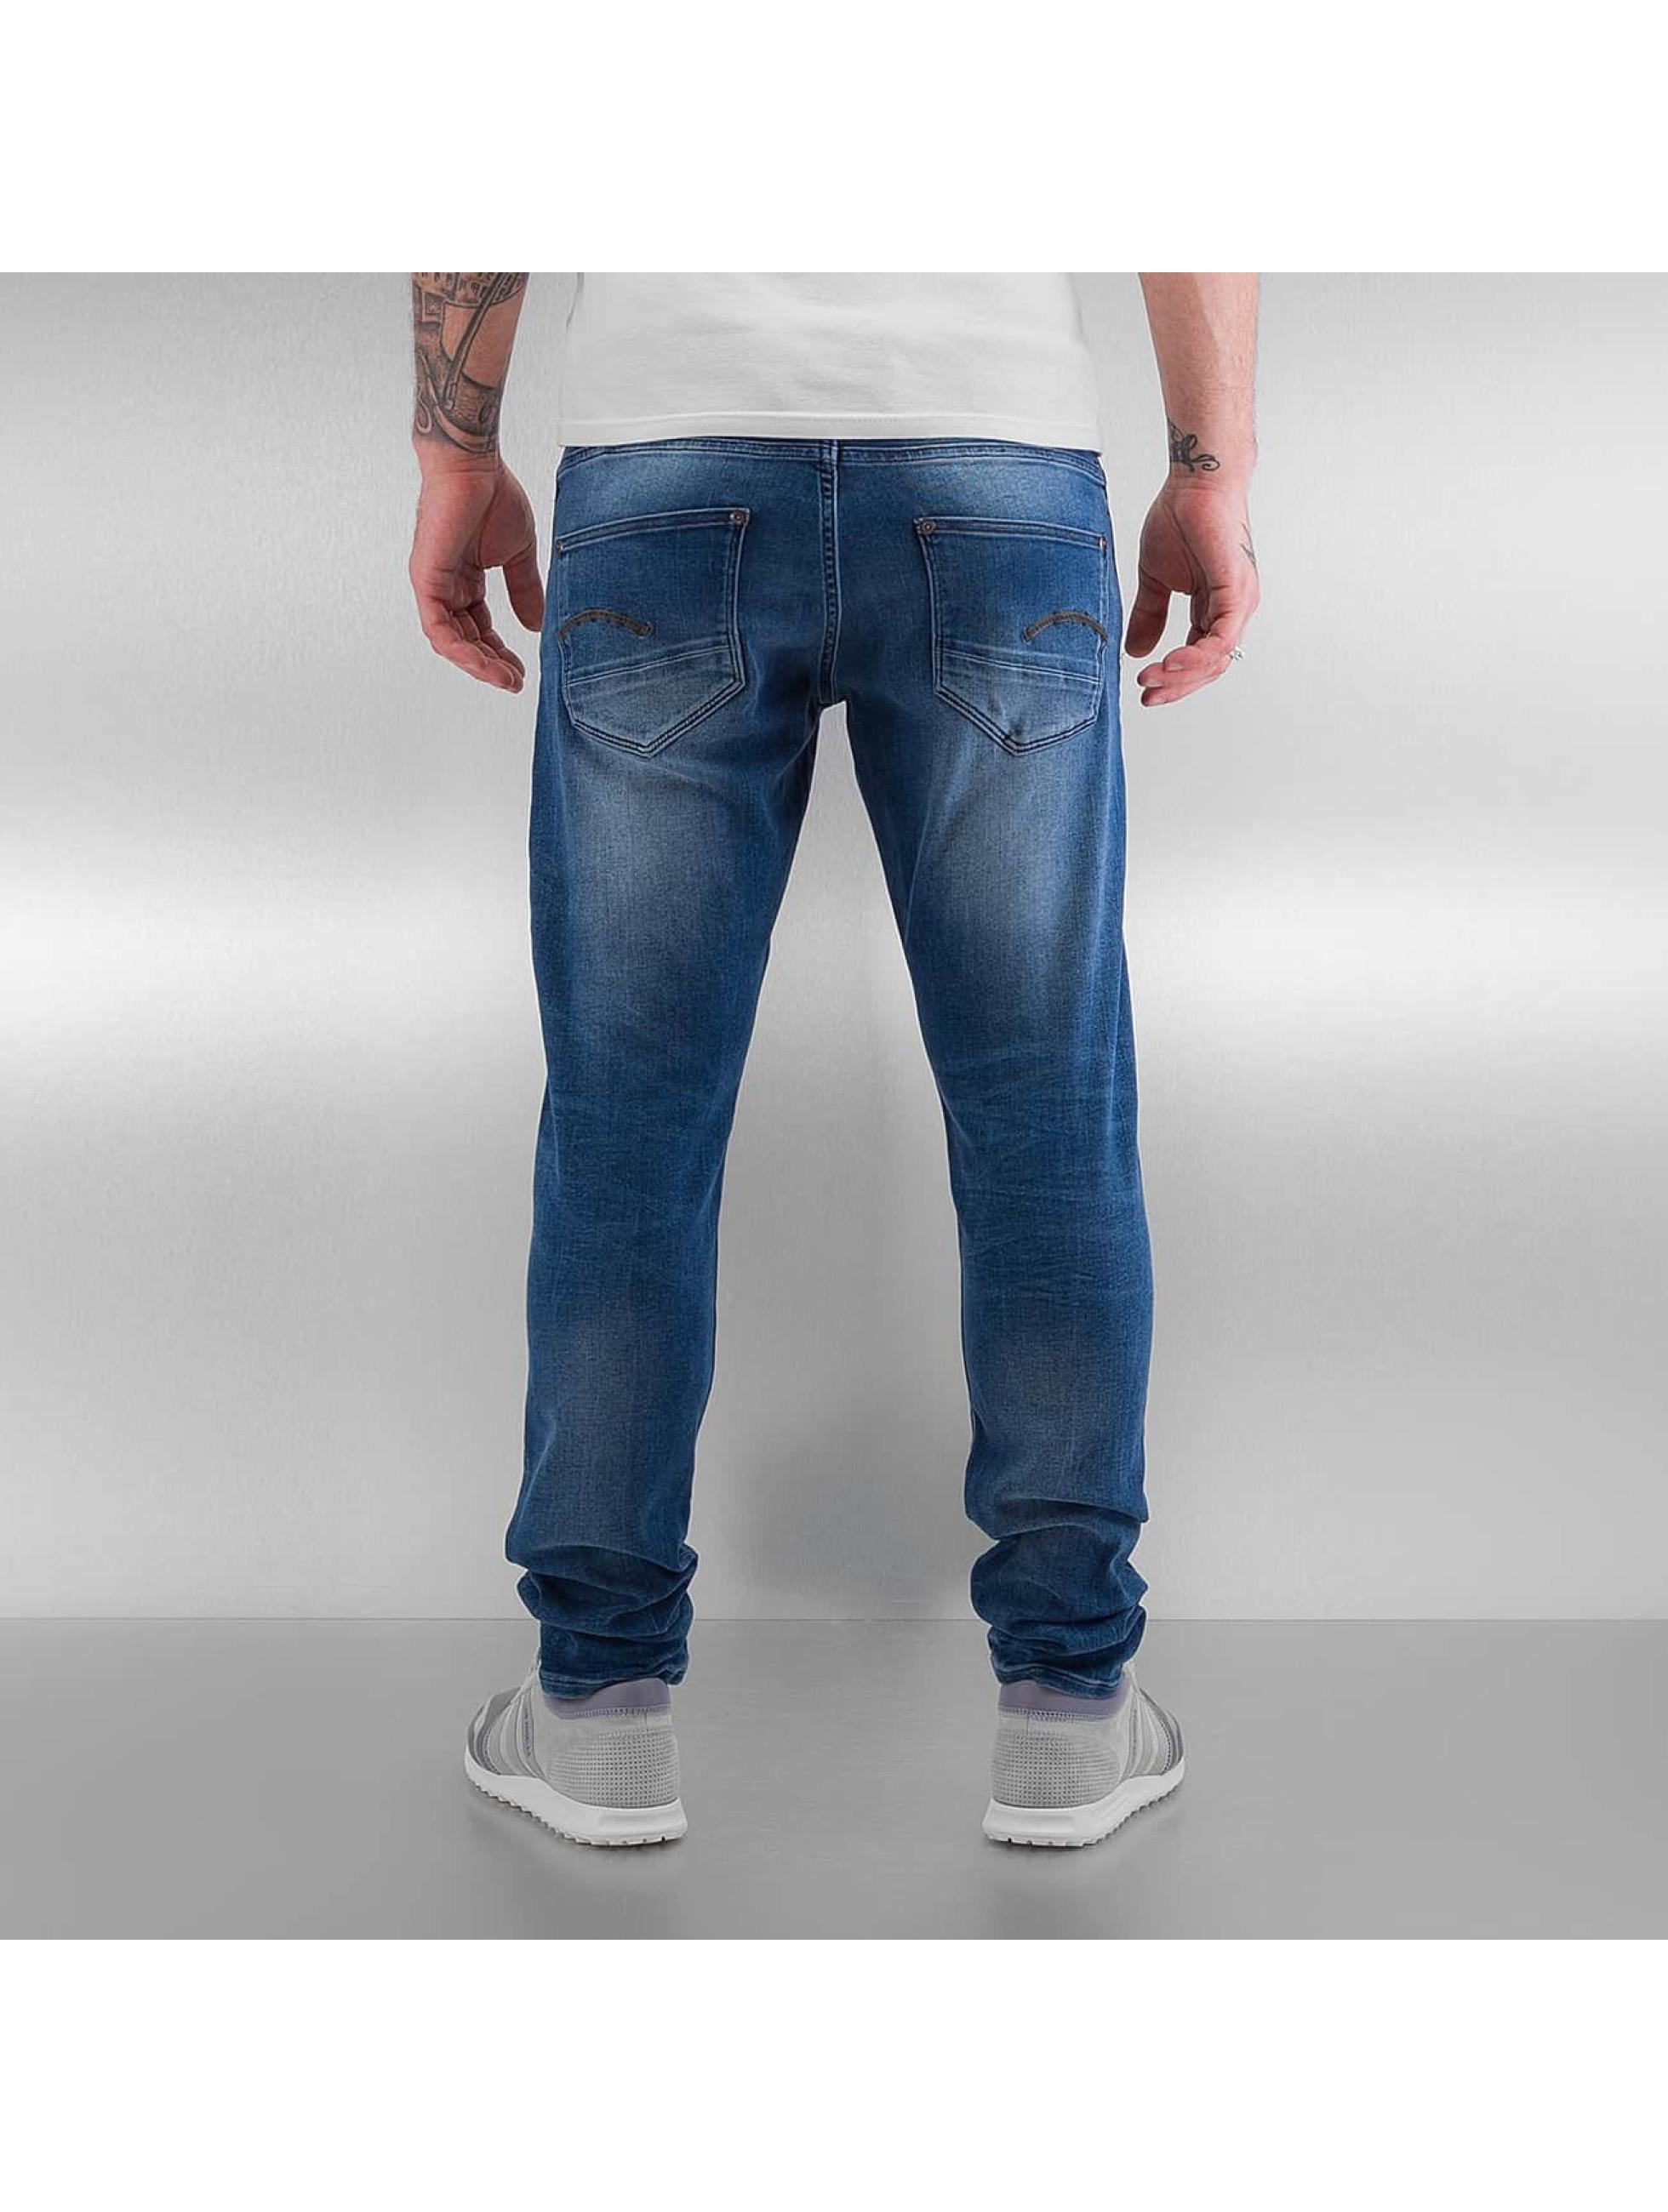 G-Star Tynne bukser Revend Super Slim Slander blå